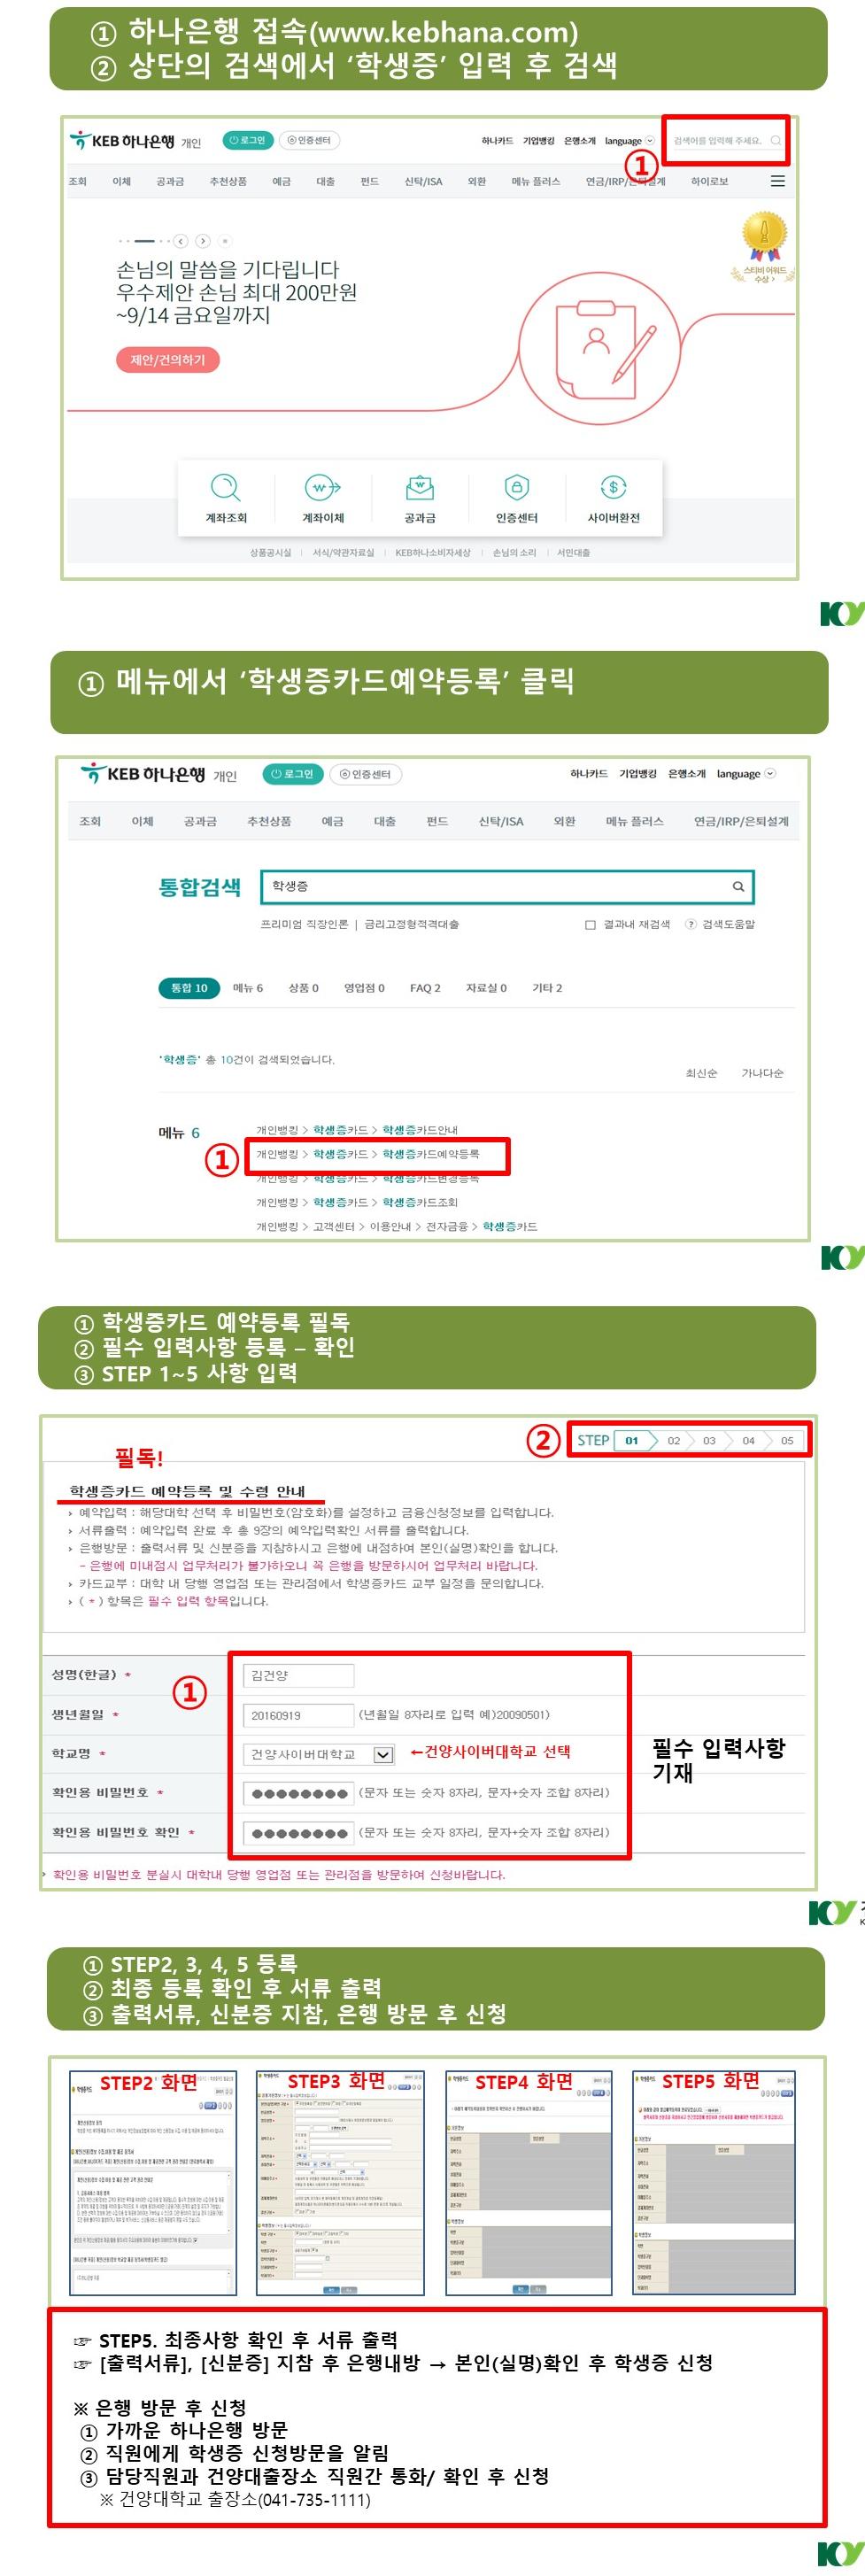 1.하나 은행에 접속하고 상단의 검색에서 '학생증'입력후 검색 2.메뉴에서 '학생증카드예약등록'클릭 3.1)학생증카드 예약등록필독 2)필수입력사항 등록-확인 3)STEP1~5 사항 입력 4.1)STEP2,3,4,5등록 2)최종 등록 확인후 서류 출력 3)출력서류,신분증지참,은행 방문 후 신청 *은행방문 후 신청 1)가까운 하나 은행 방문 2)직원에게 학생증 신청방문을 알림 3)담당직원과 건양대출장소 직원간 통화/확인 후 신청 건양대학교 출장소(041-735-1111)